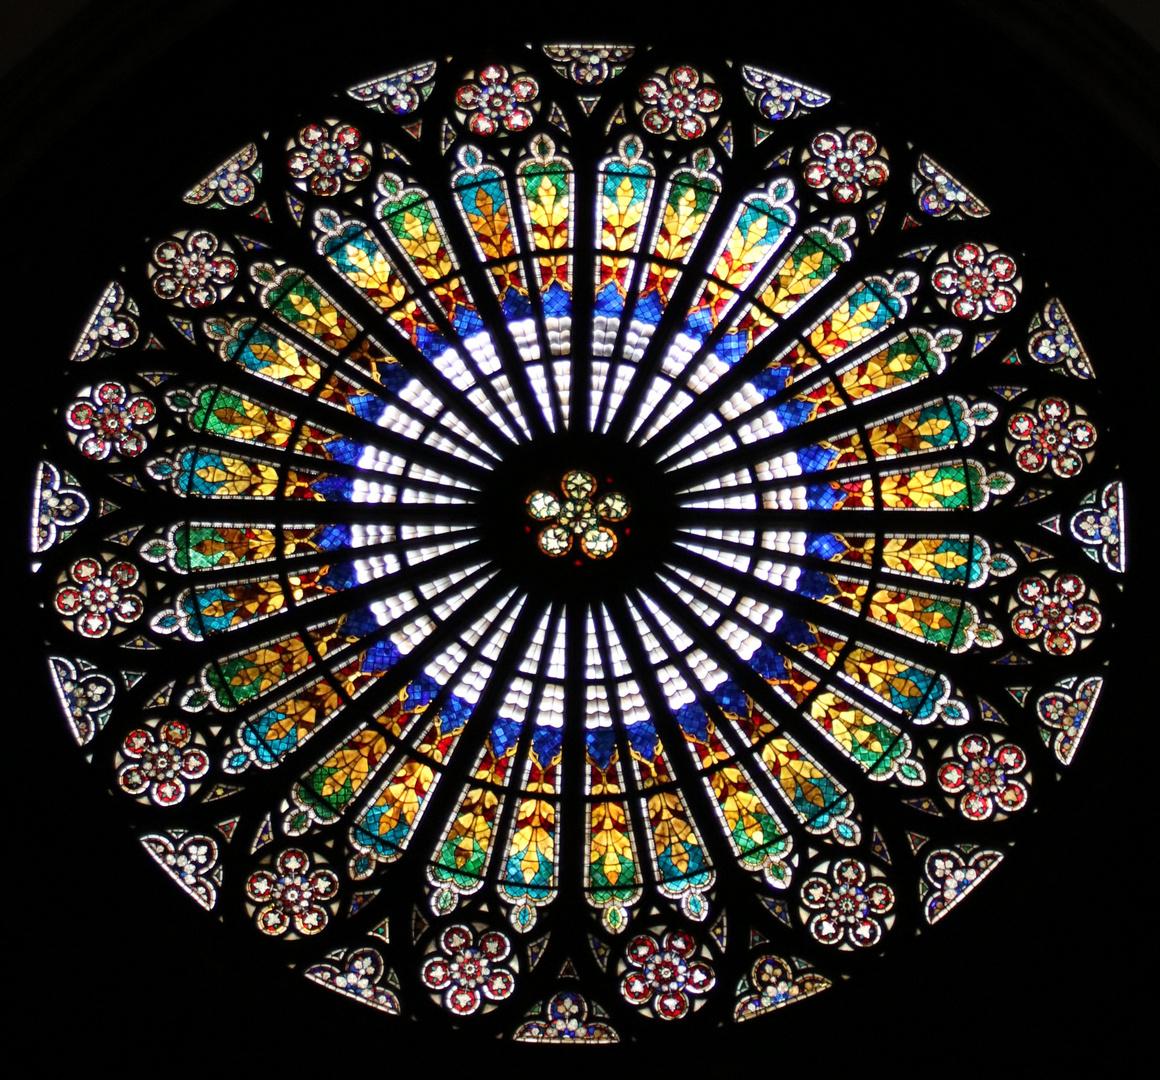 Bildergebnis für gotisches kirchenfenster rosette